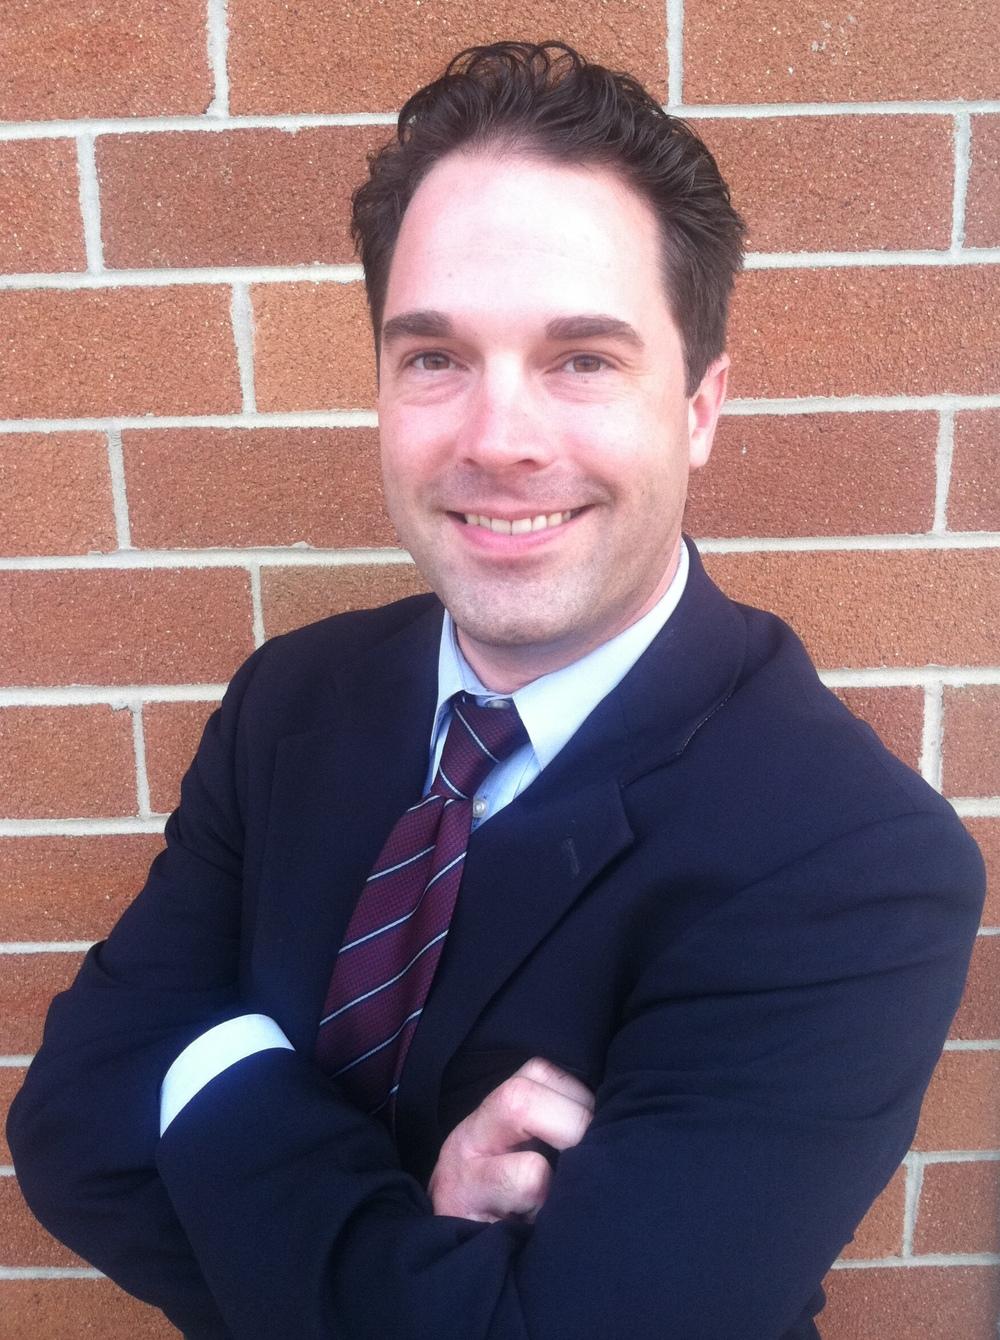 Andrew Barkman